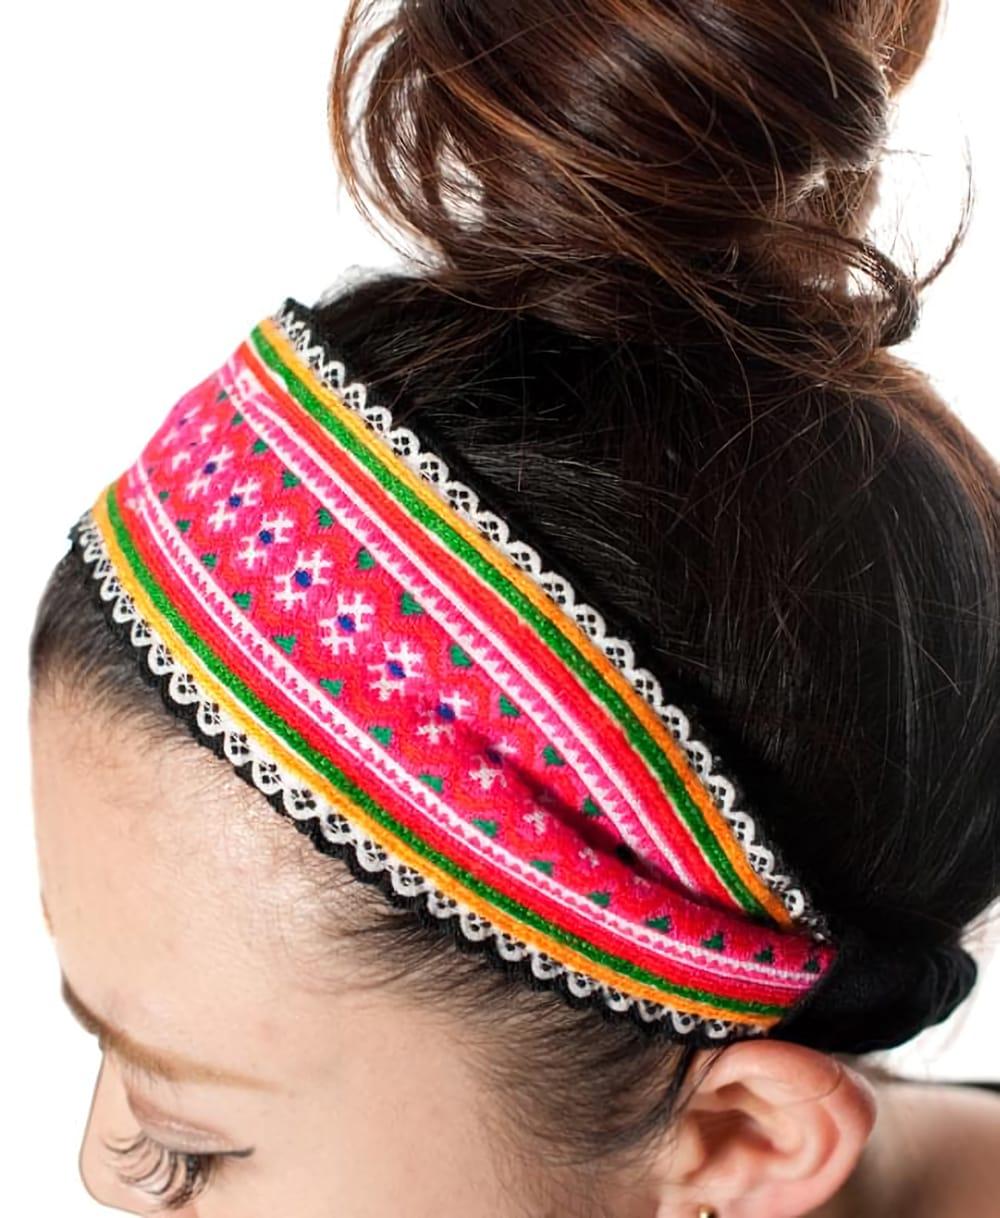 選べるお得3点セット モン族の手作りカラフル刺繍ヘアバンド【アソート】 3 - 手作りのあたたかい風合いがあります。